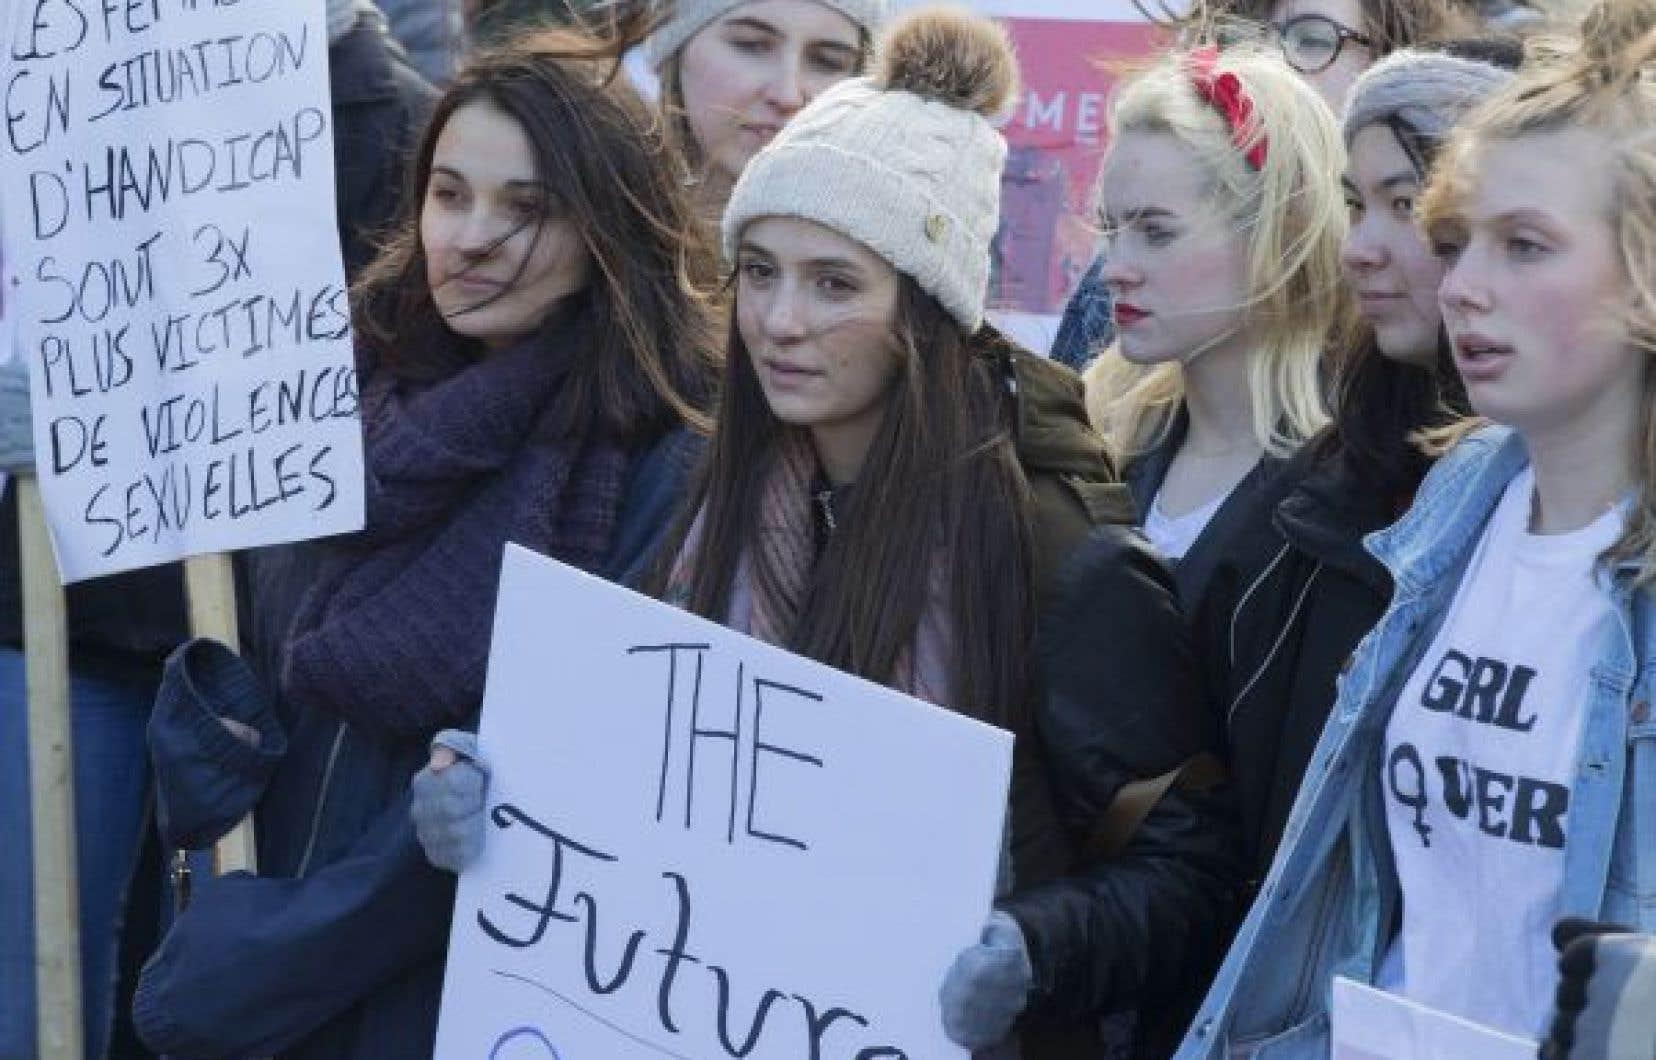 Les mouvements #Agressionnondénoncée et #Moiaussi ont mis en lumière l'étendue des violences sexuelles que subissent majoritairement les femmes en milieu universitaire, souligne l'auteure.